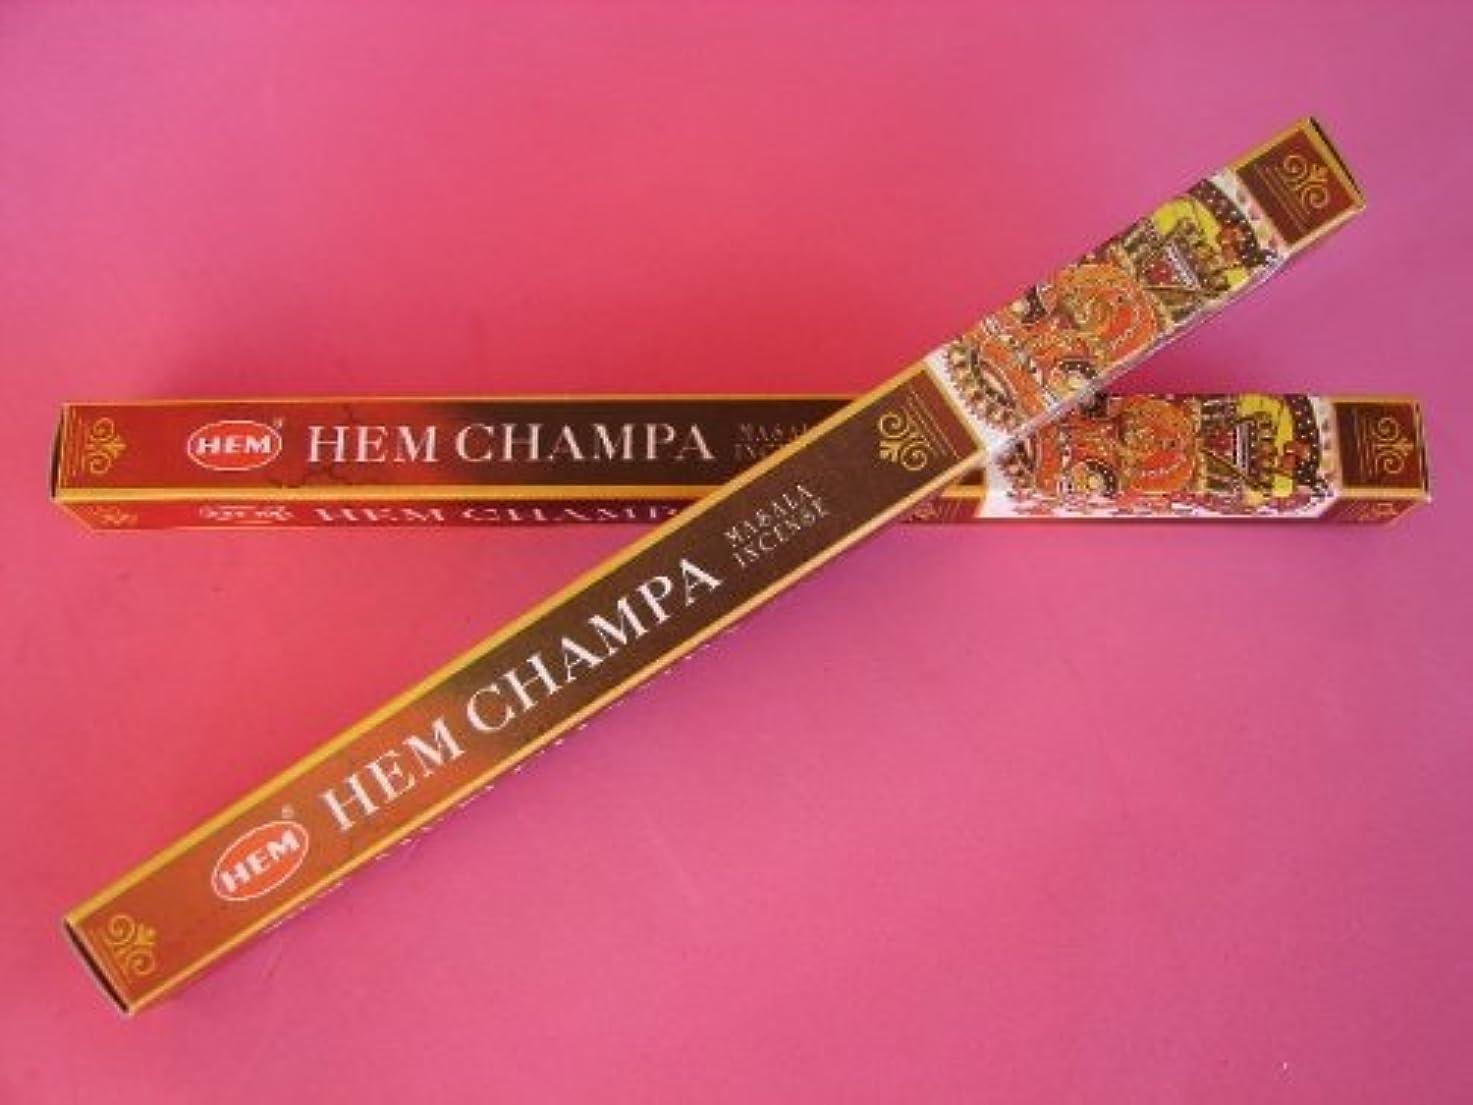 キャンセルジョージエリオットバット4 Boxes of HEM CHAMPA Incense Sticks